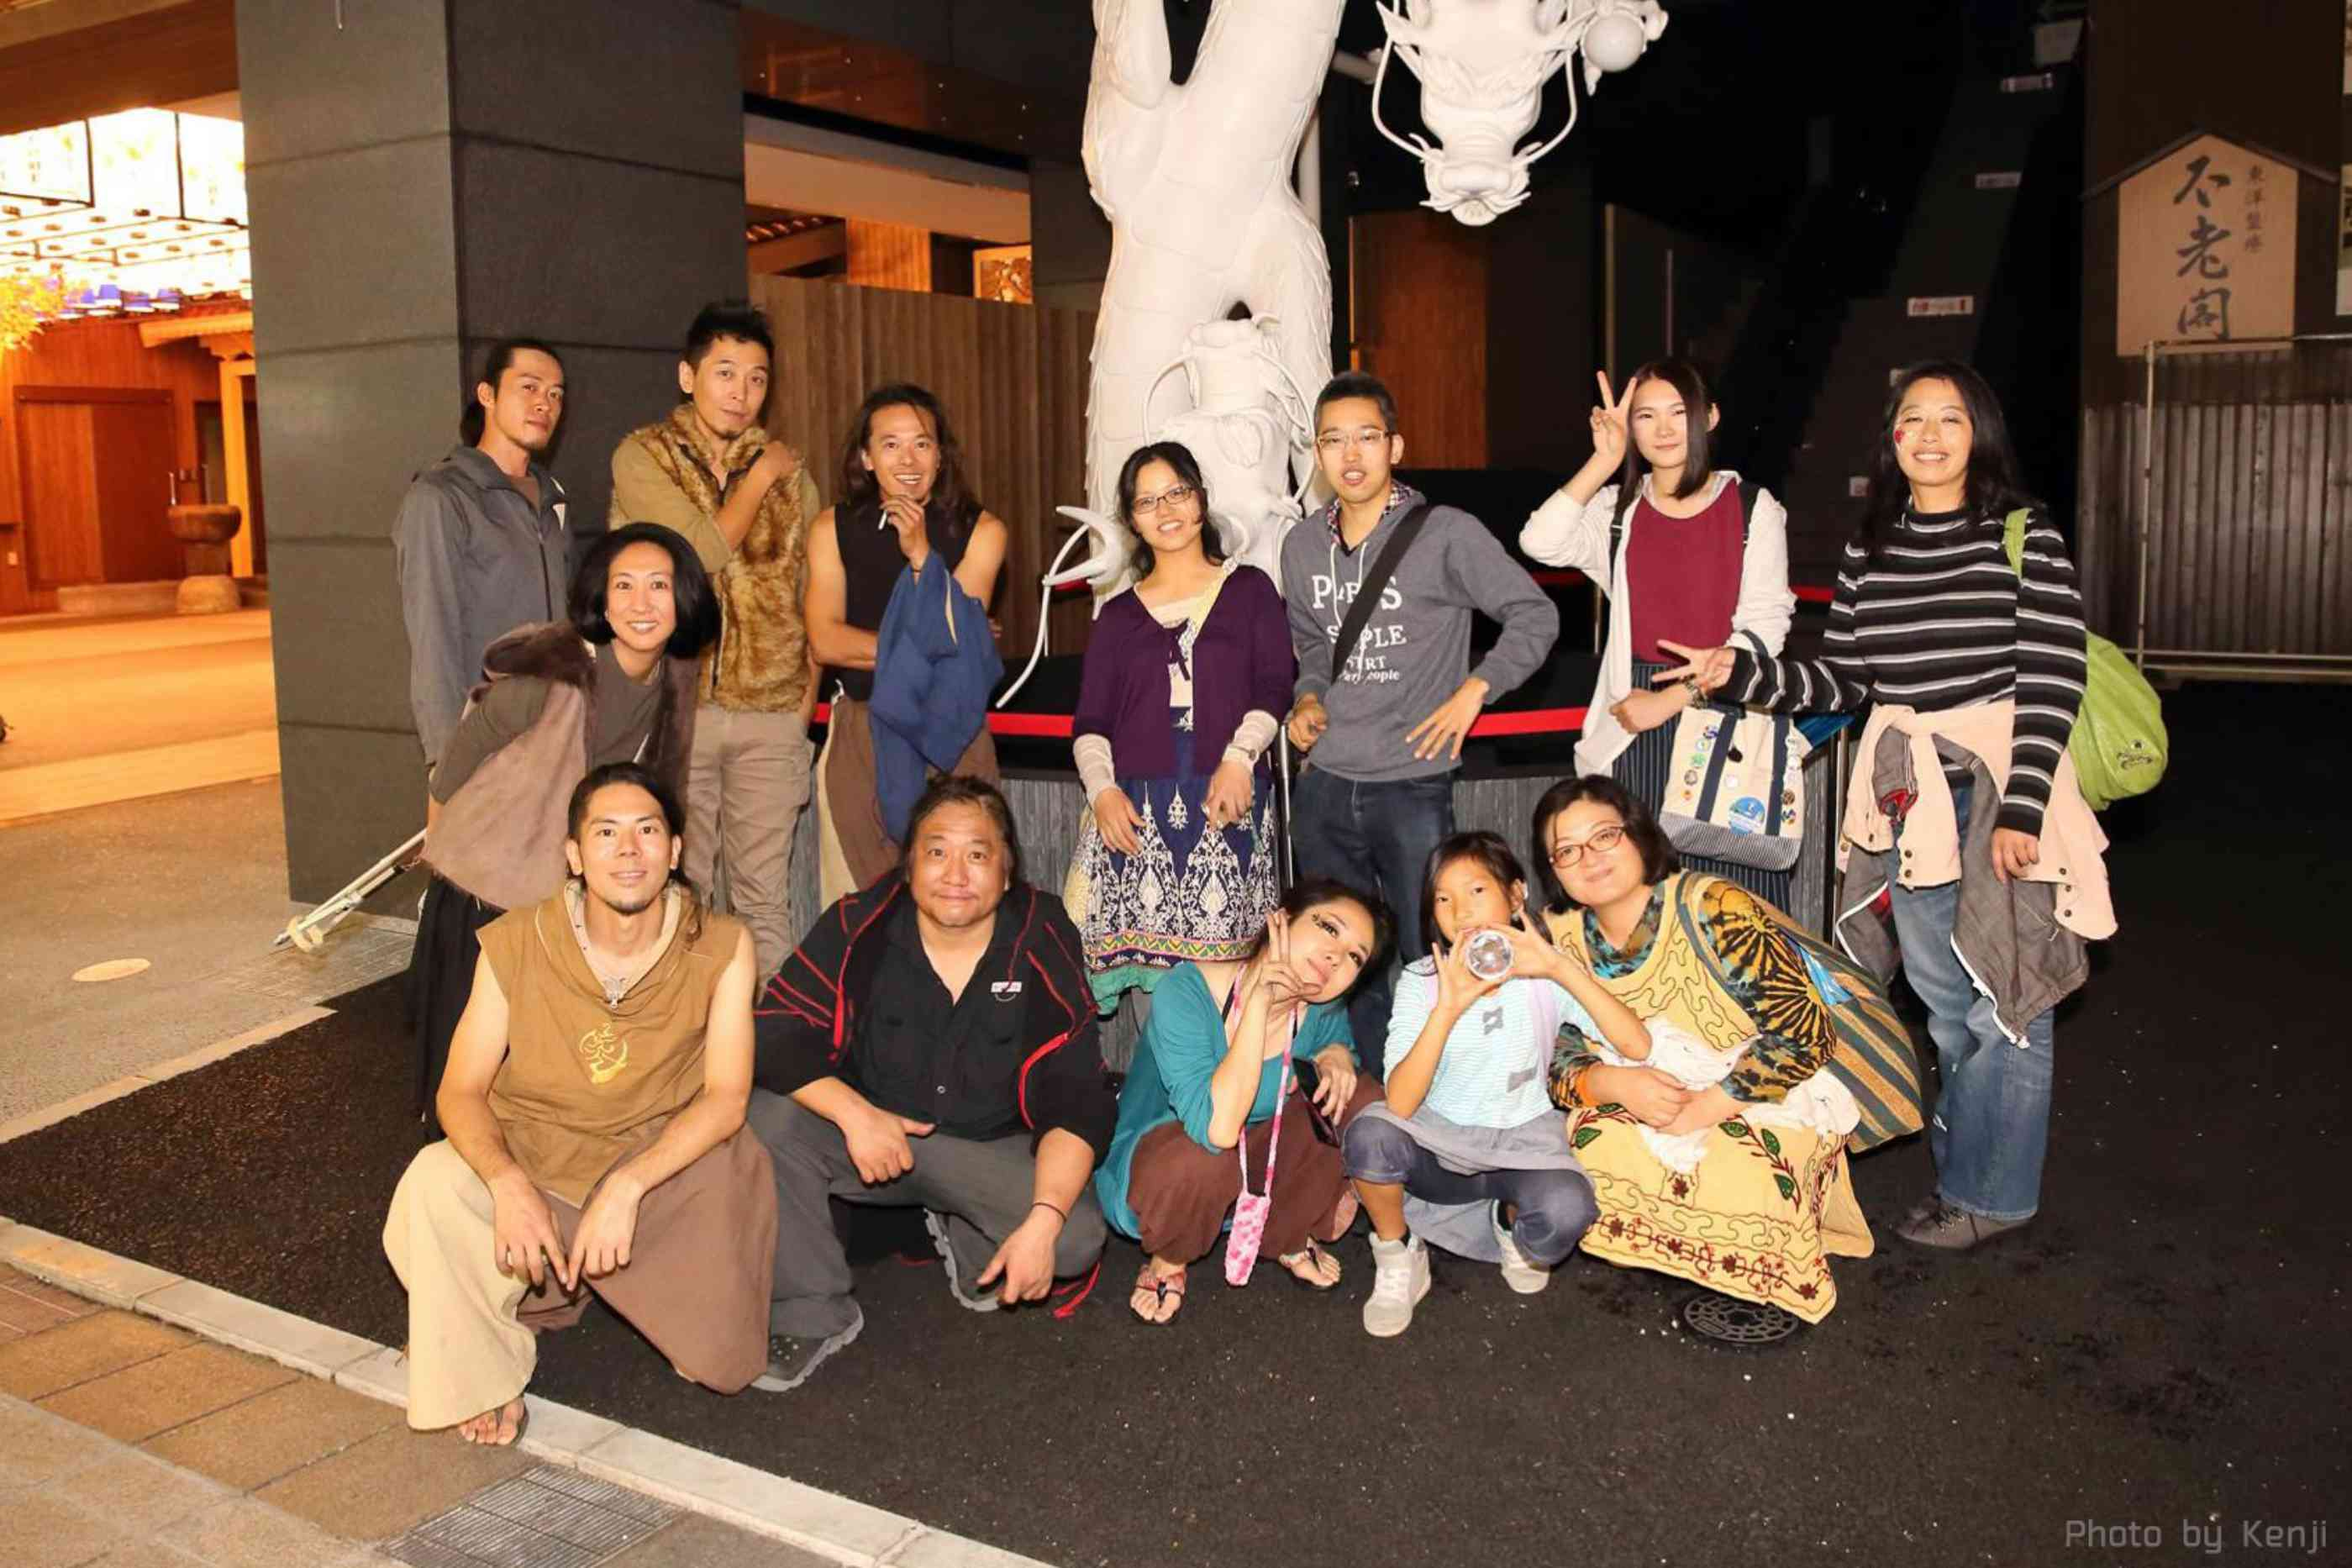 大須大道町人祭見に来てくれたみんな